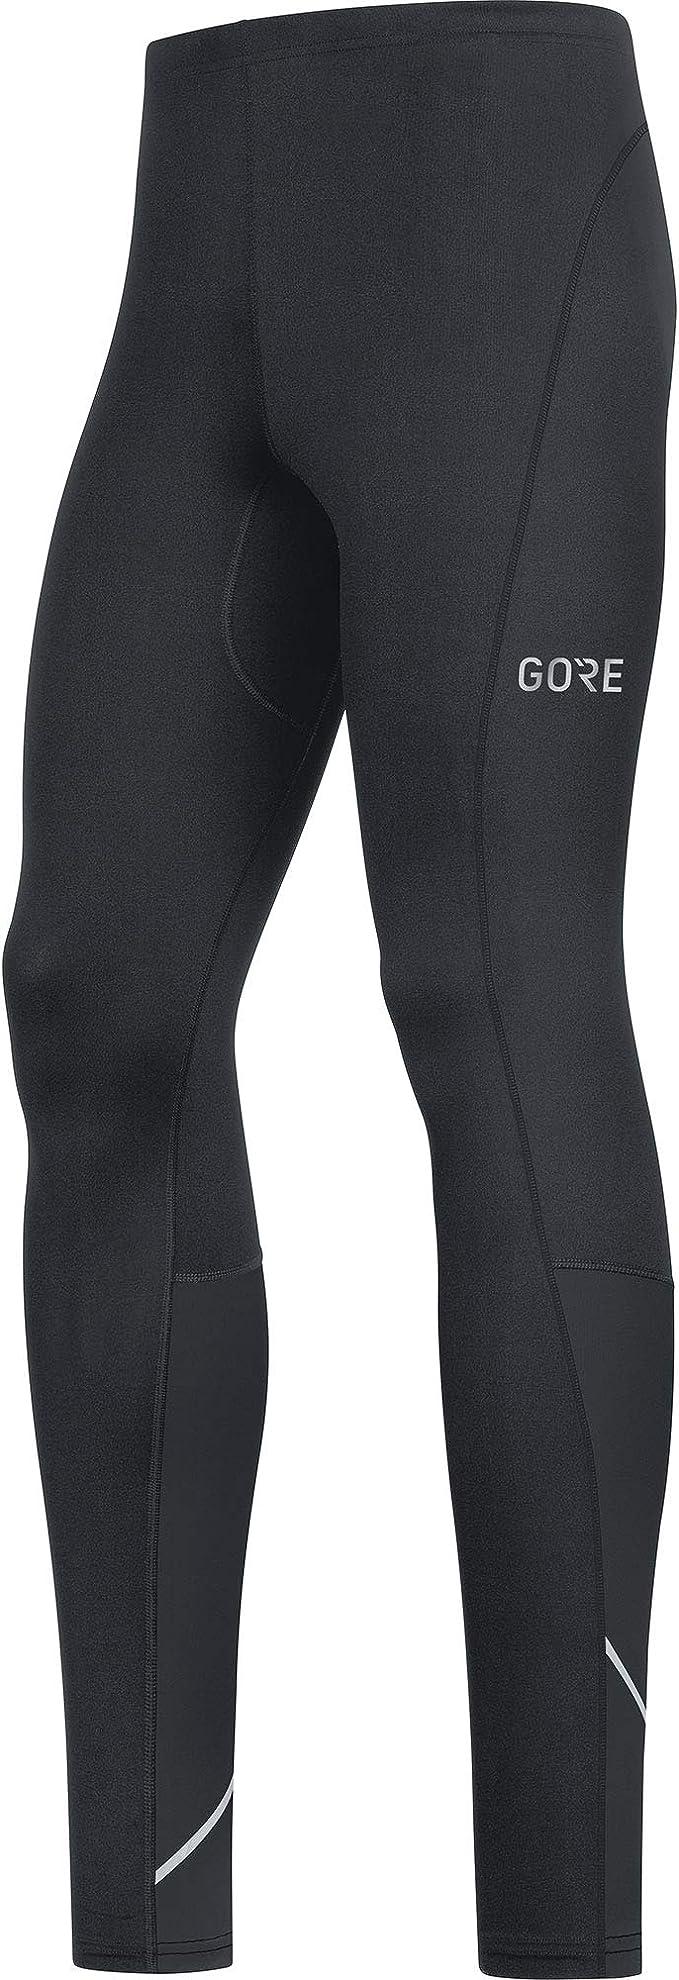 M Nero//Giallo neon GORE Wear R3 Legging a 3//4 da uomo